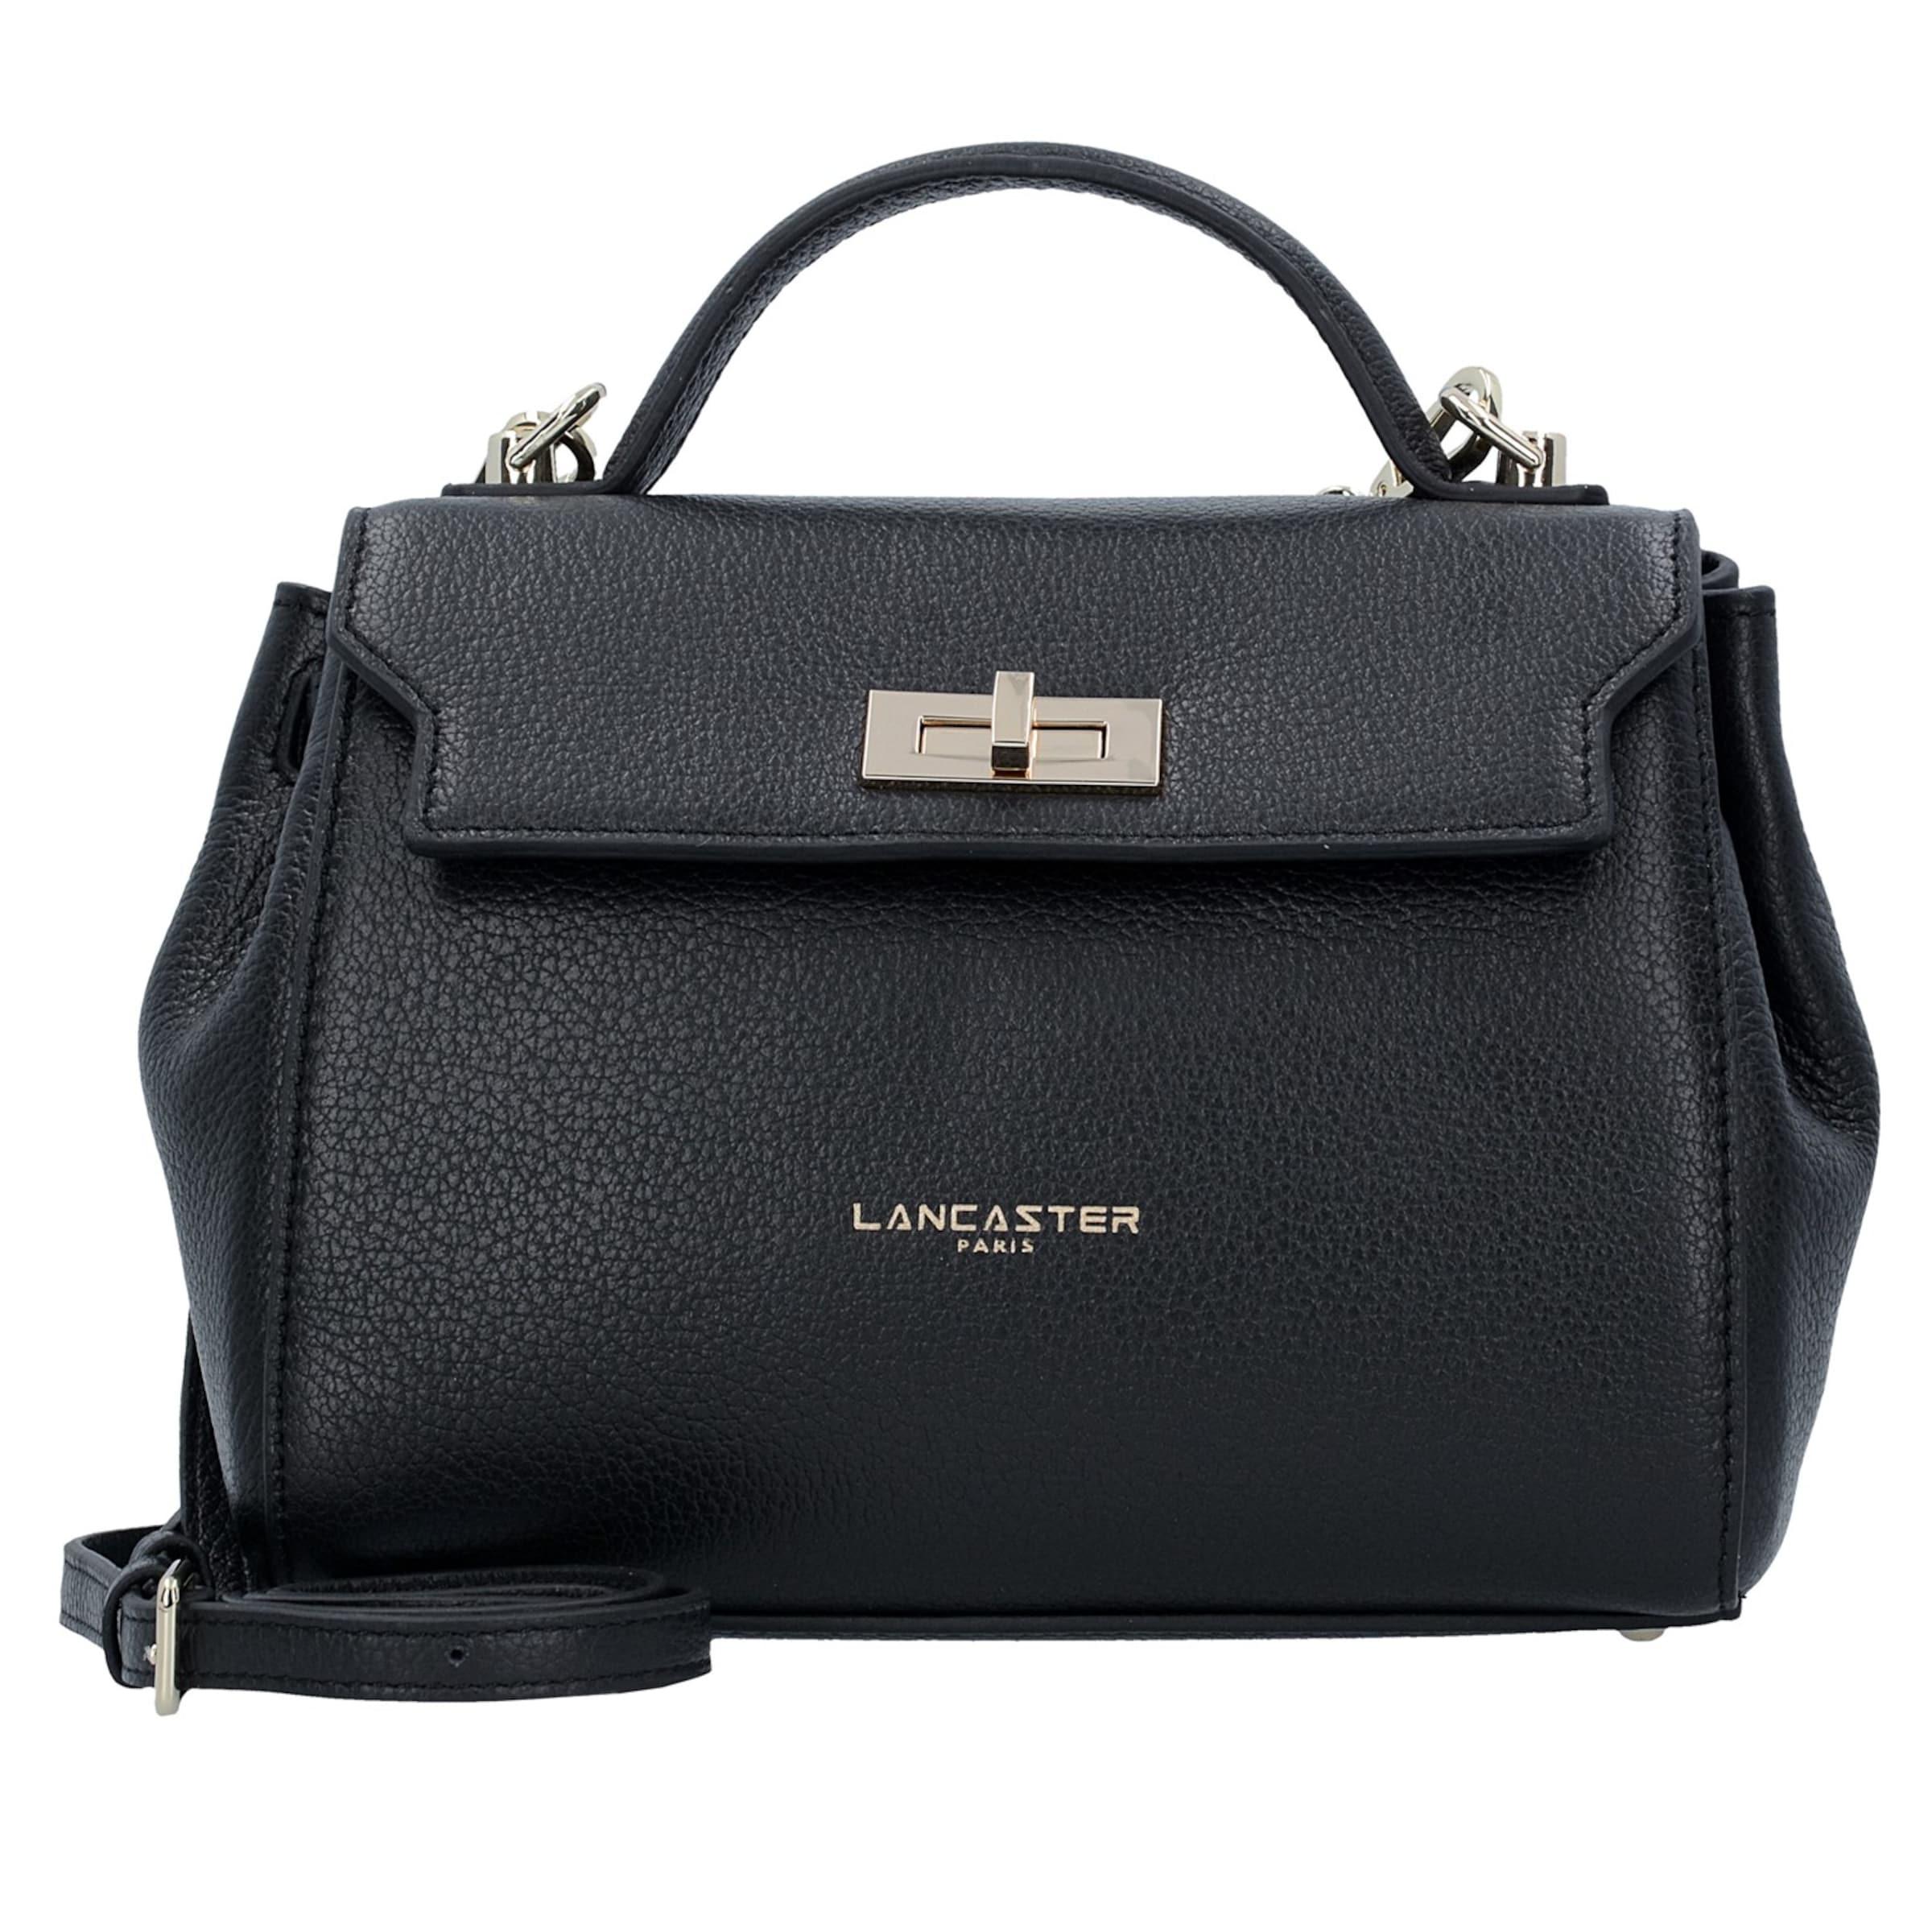 Spielraum Erschwinglich Zu Verkaufen LANCASTER Alena Handtasche Leder 21 cm Top-Qualität Online ffCRMy90a